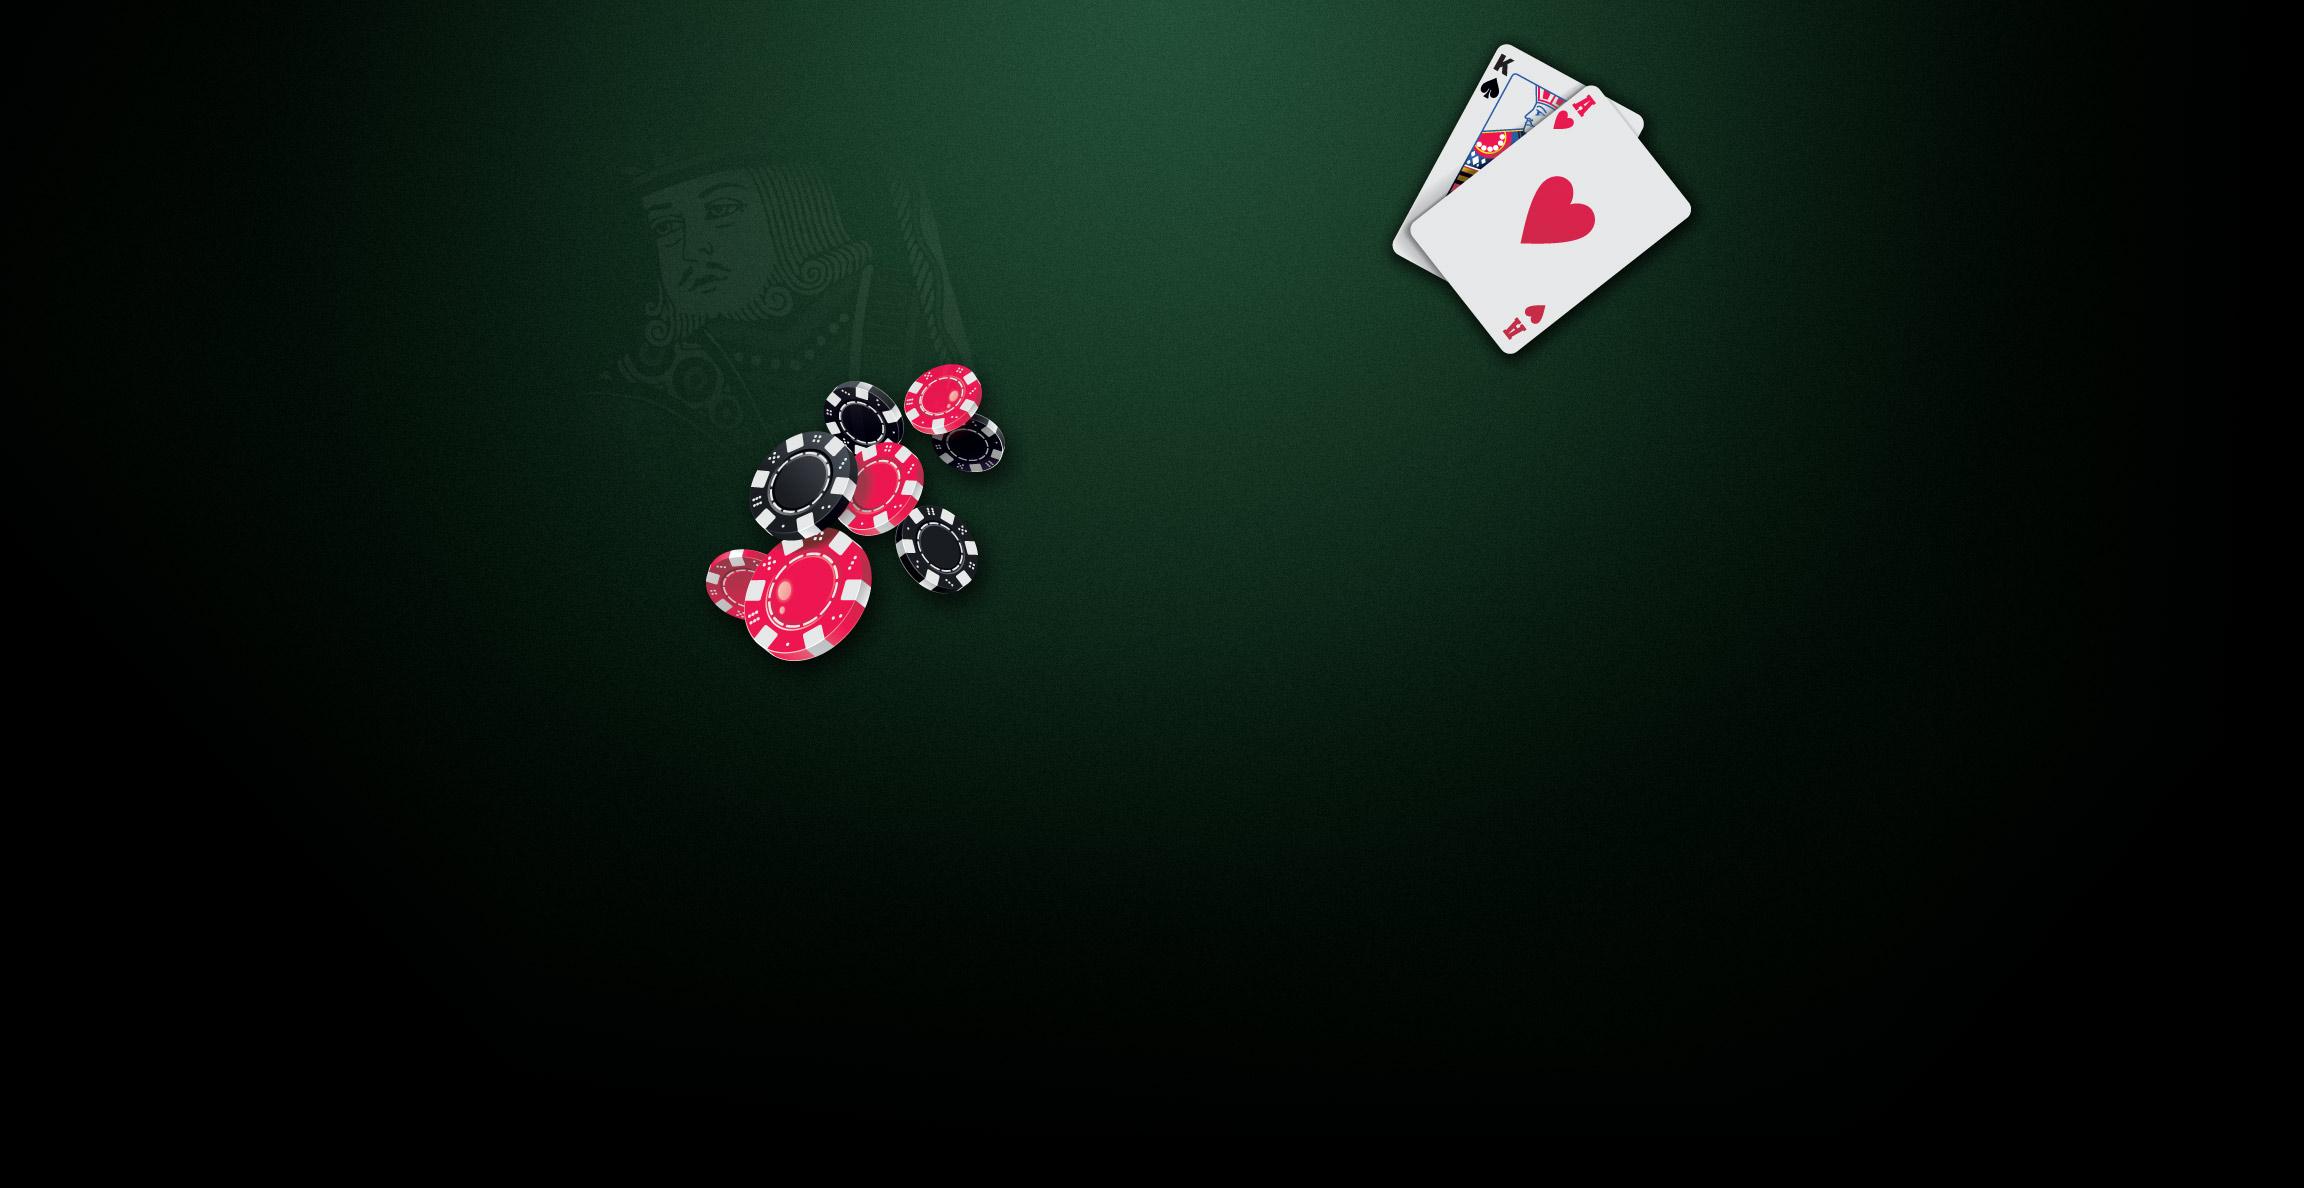 Blackjack : comment mieux maîtriser le Blackjack